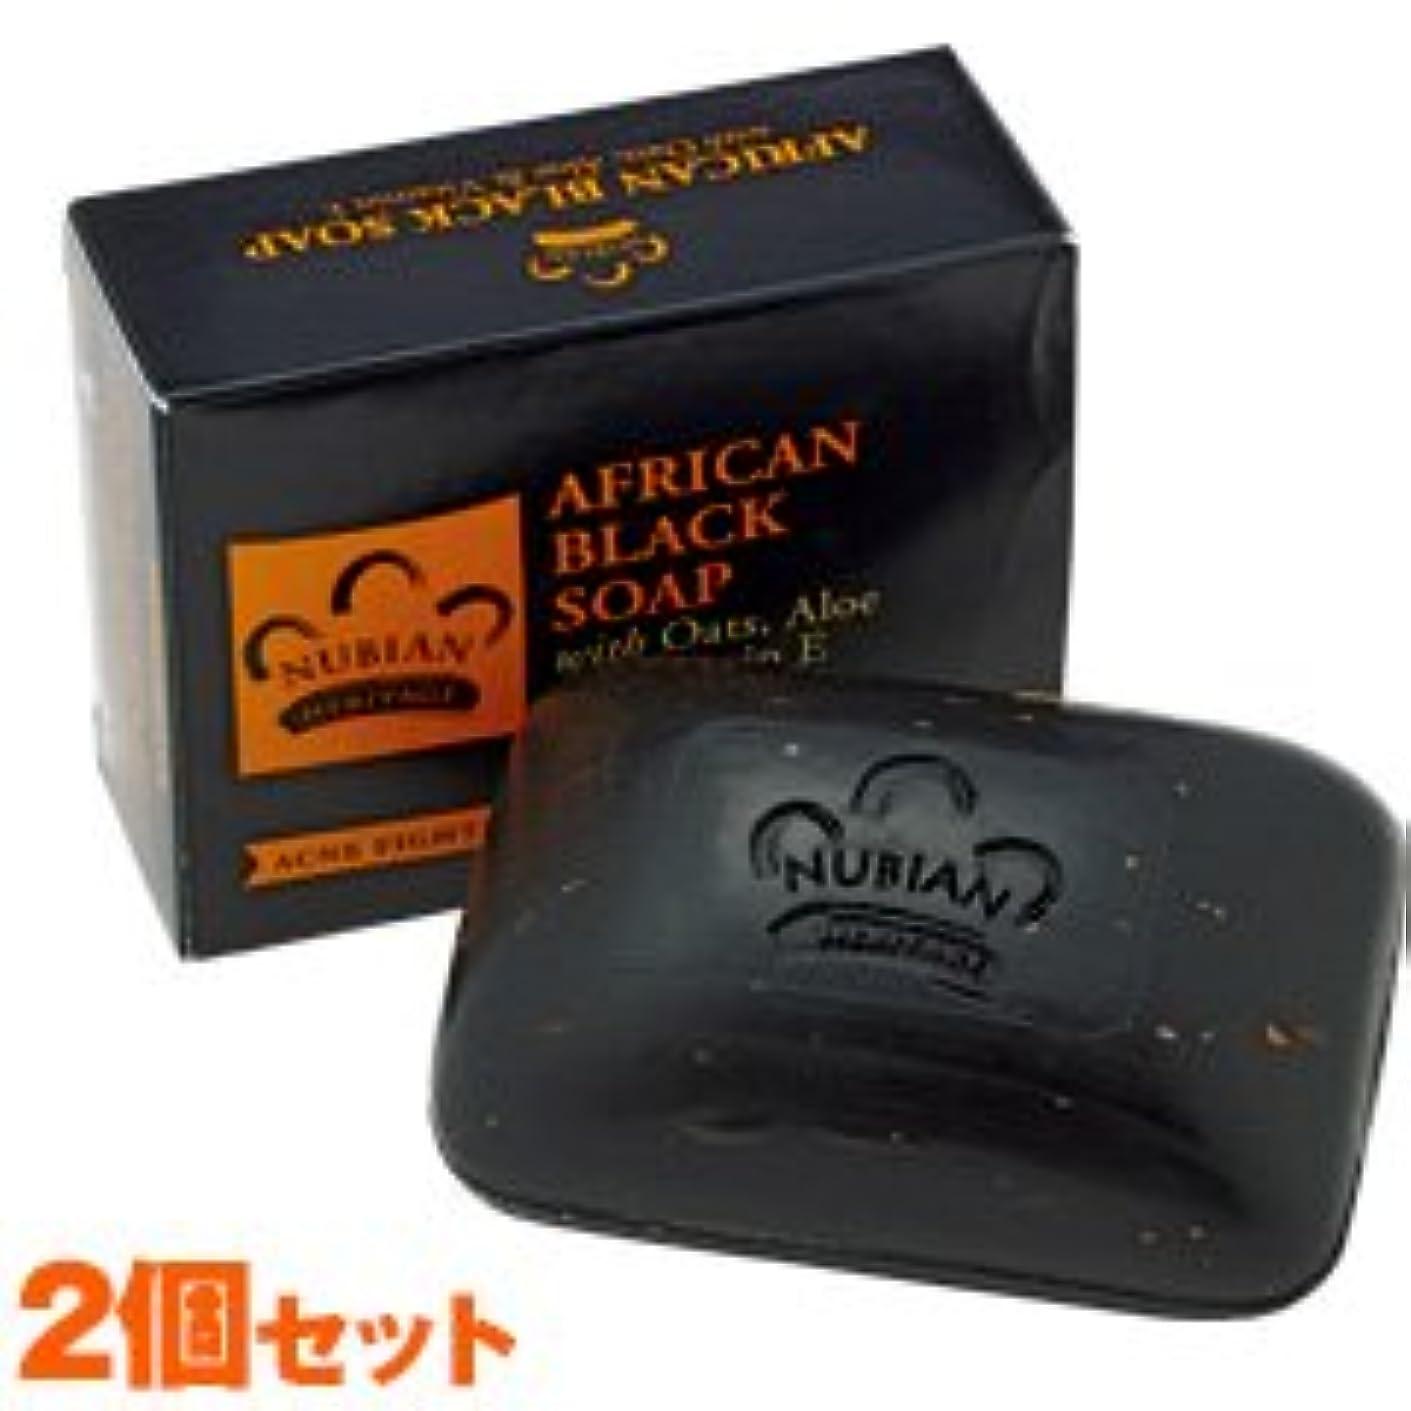 運河ロッドミュージカルヌビアン ヘリテージ(NUBIAN HERITAGE)アフリカン ブラック ソープバー 2個セット 141gX2[並行輸入品][海外直送品]